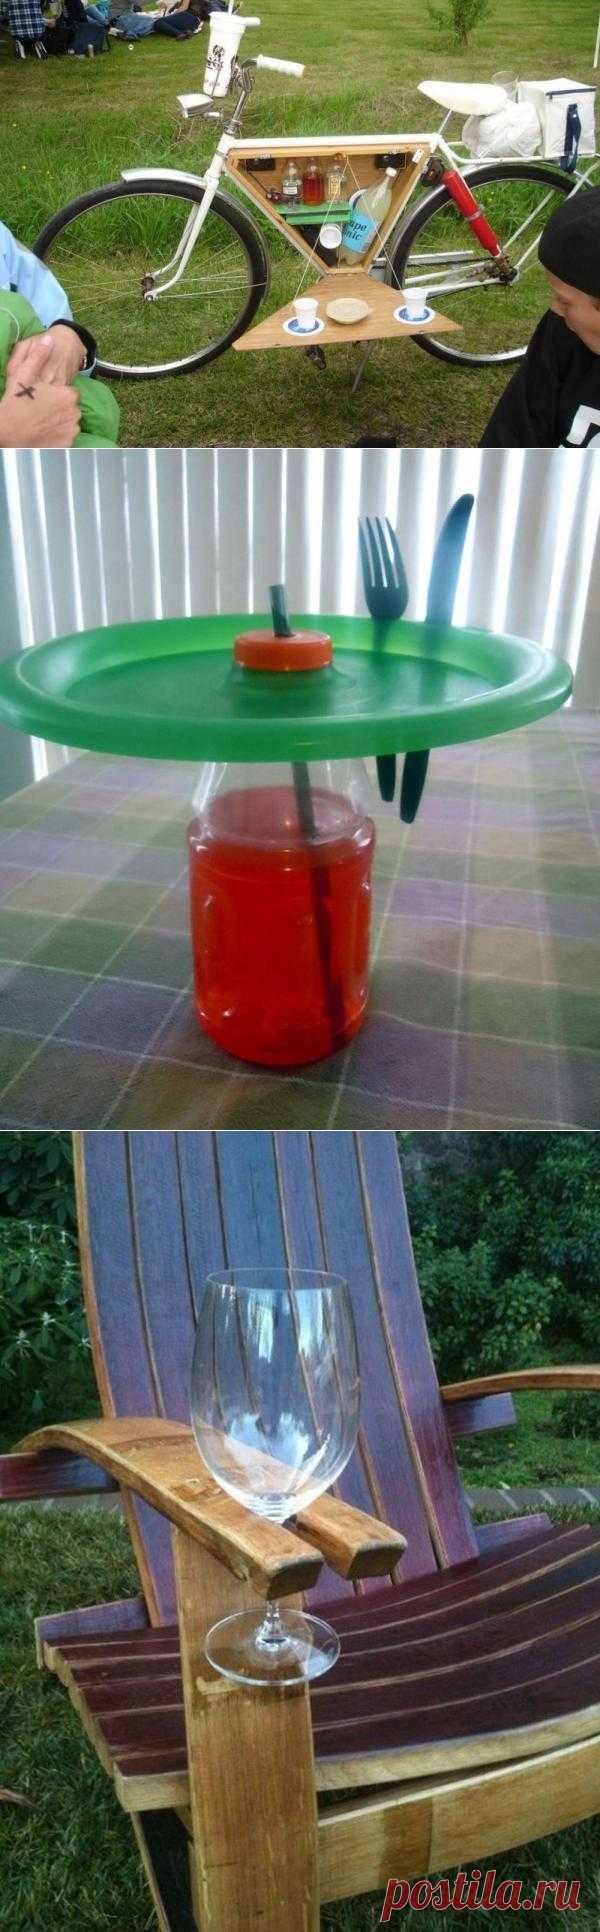 9 лучших изобретений для пикника.